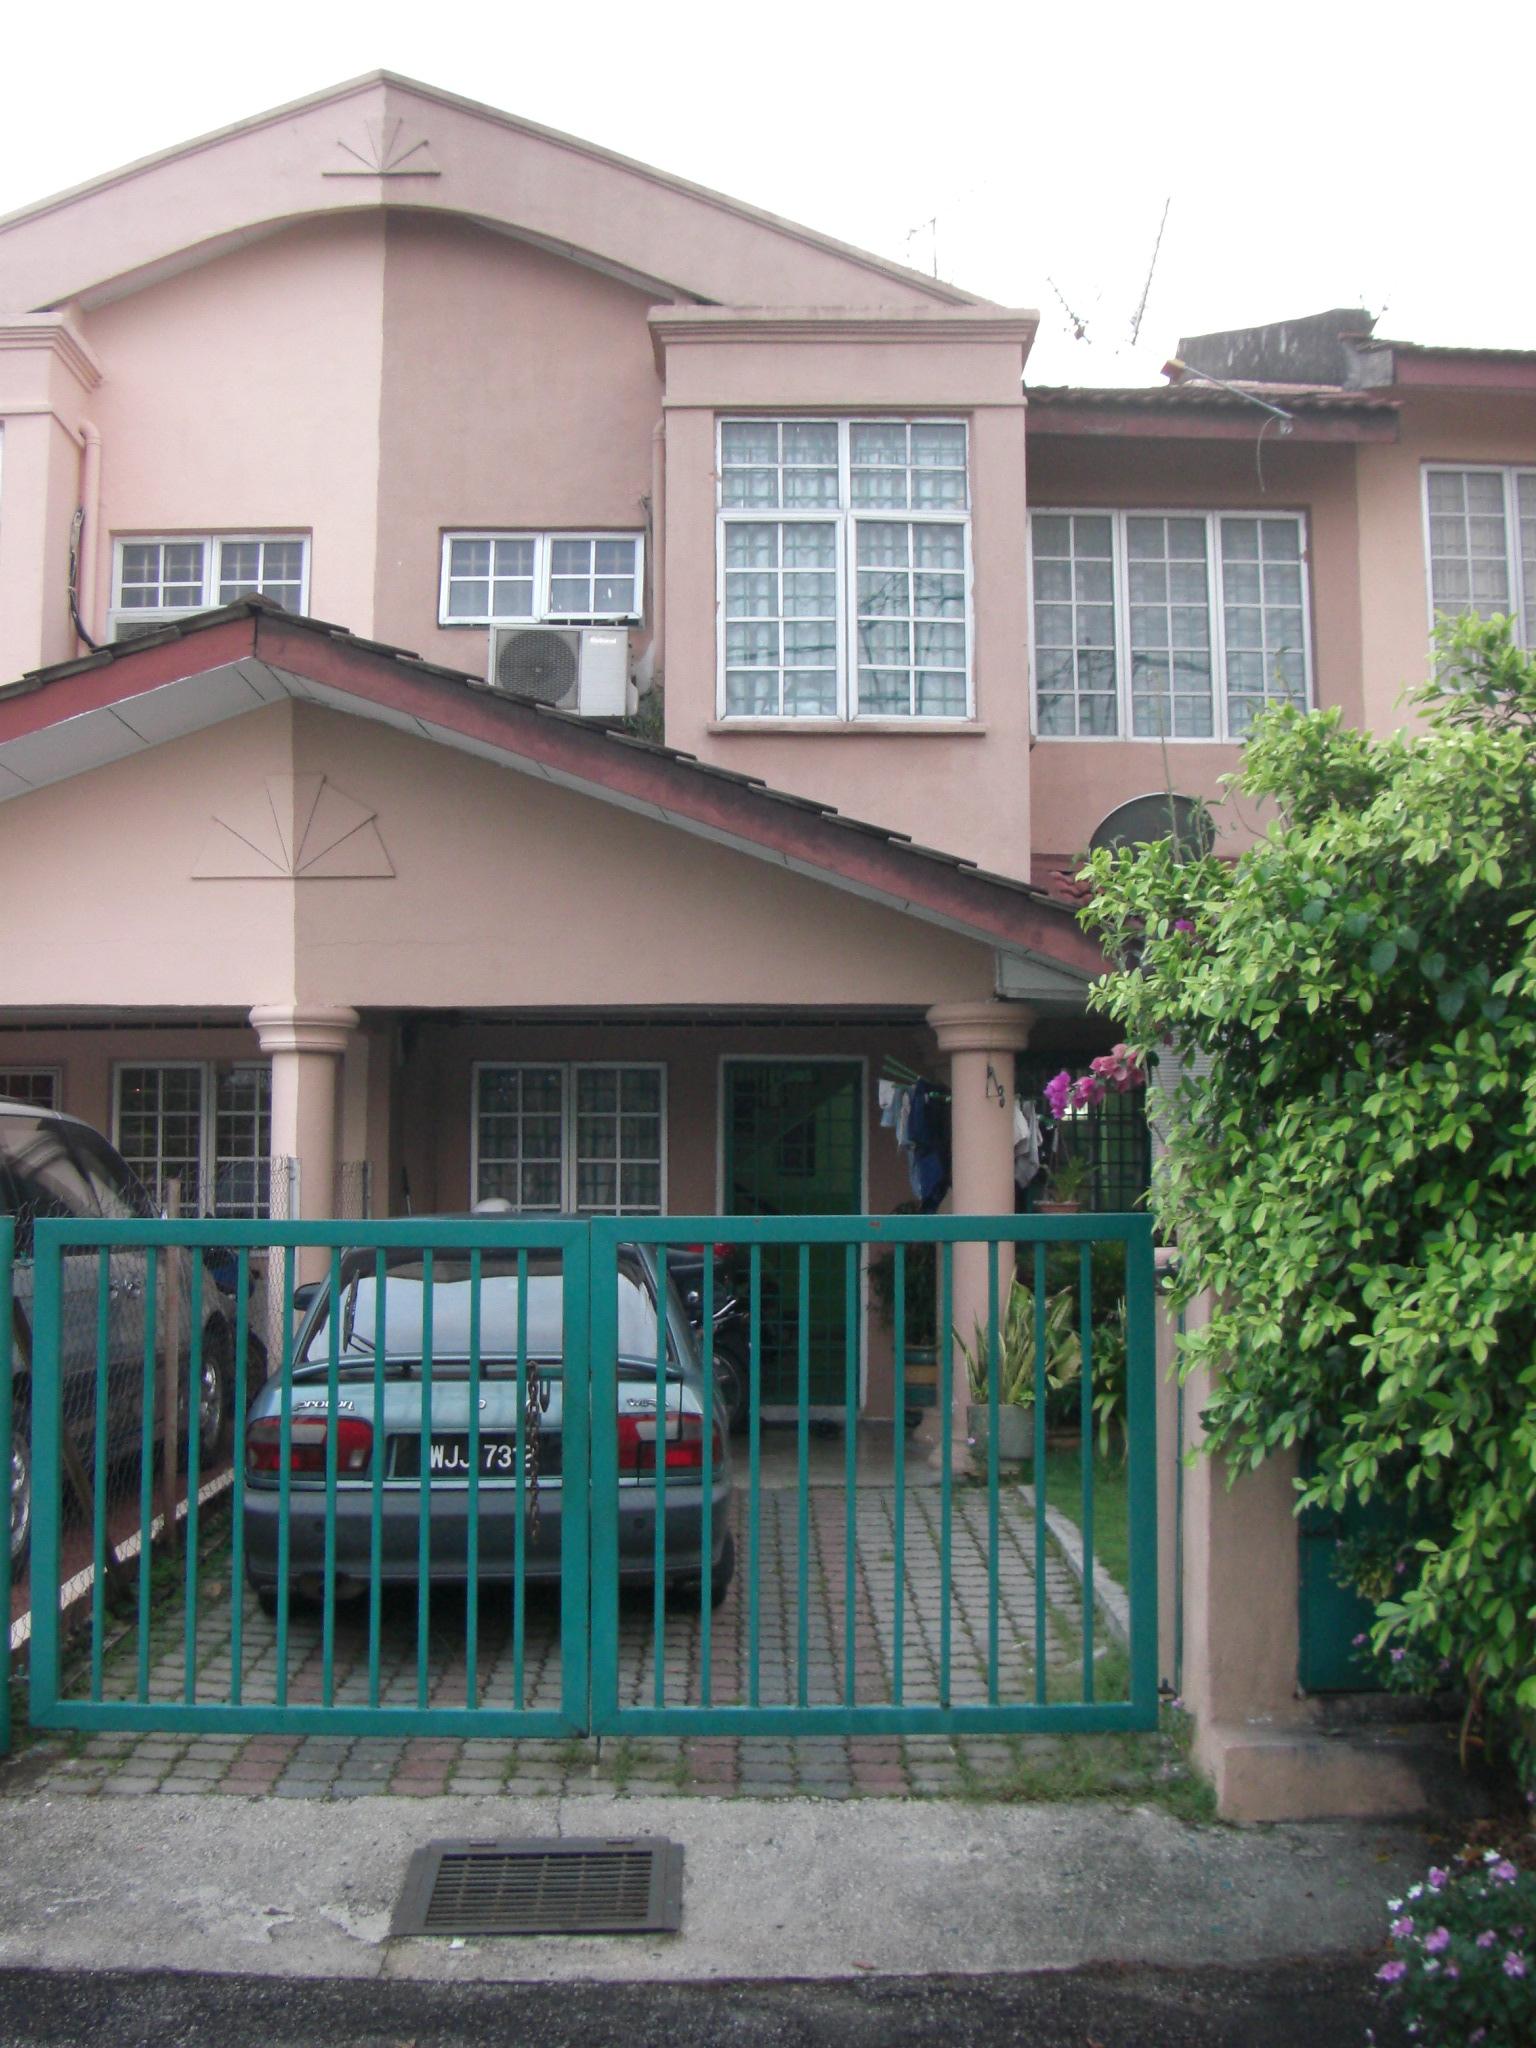 Rumah Lelong Bank Islam Tuanbri Com